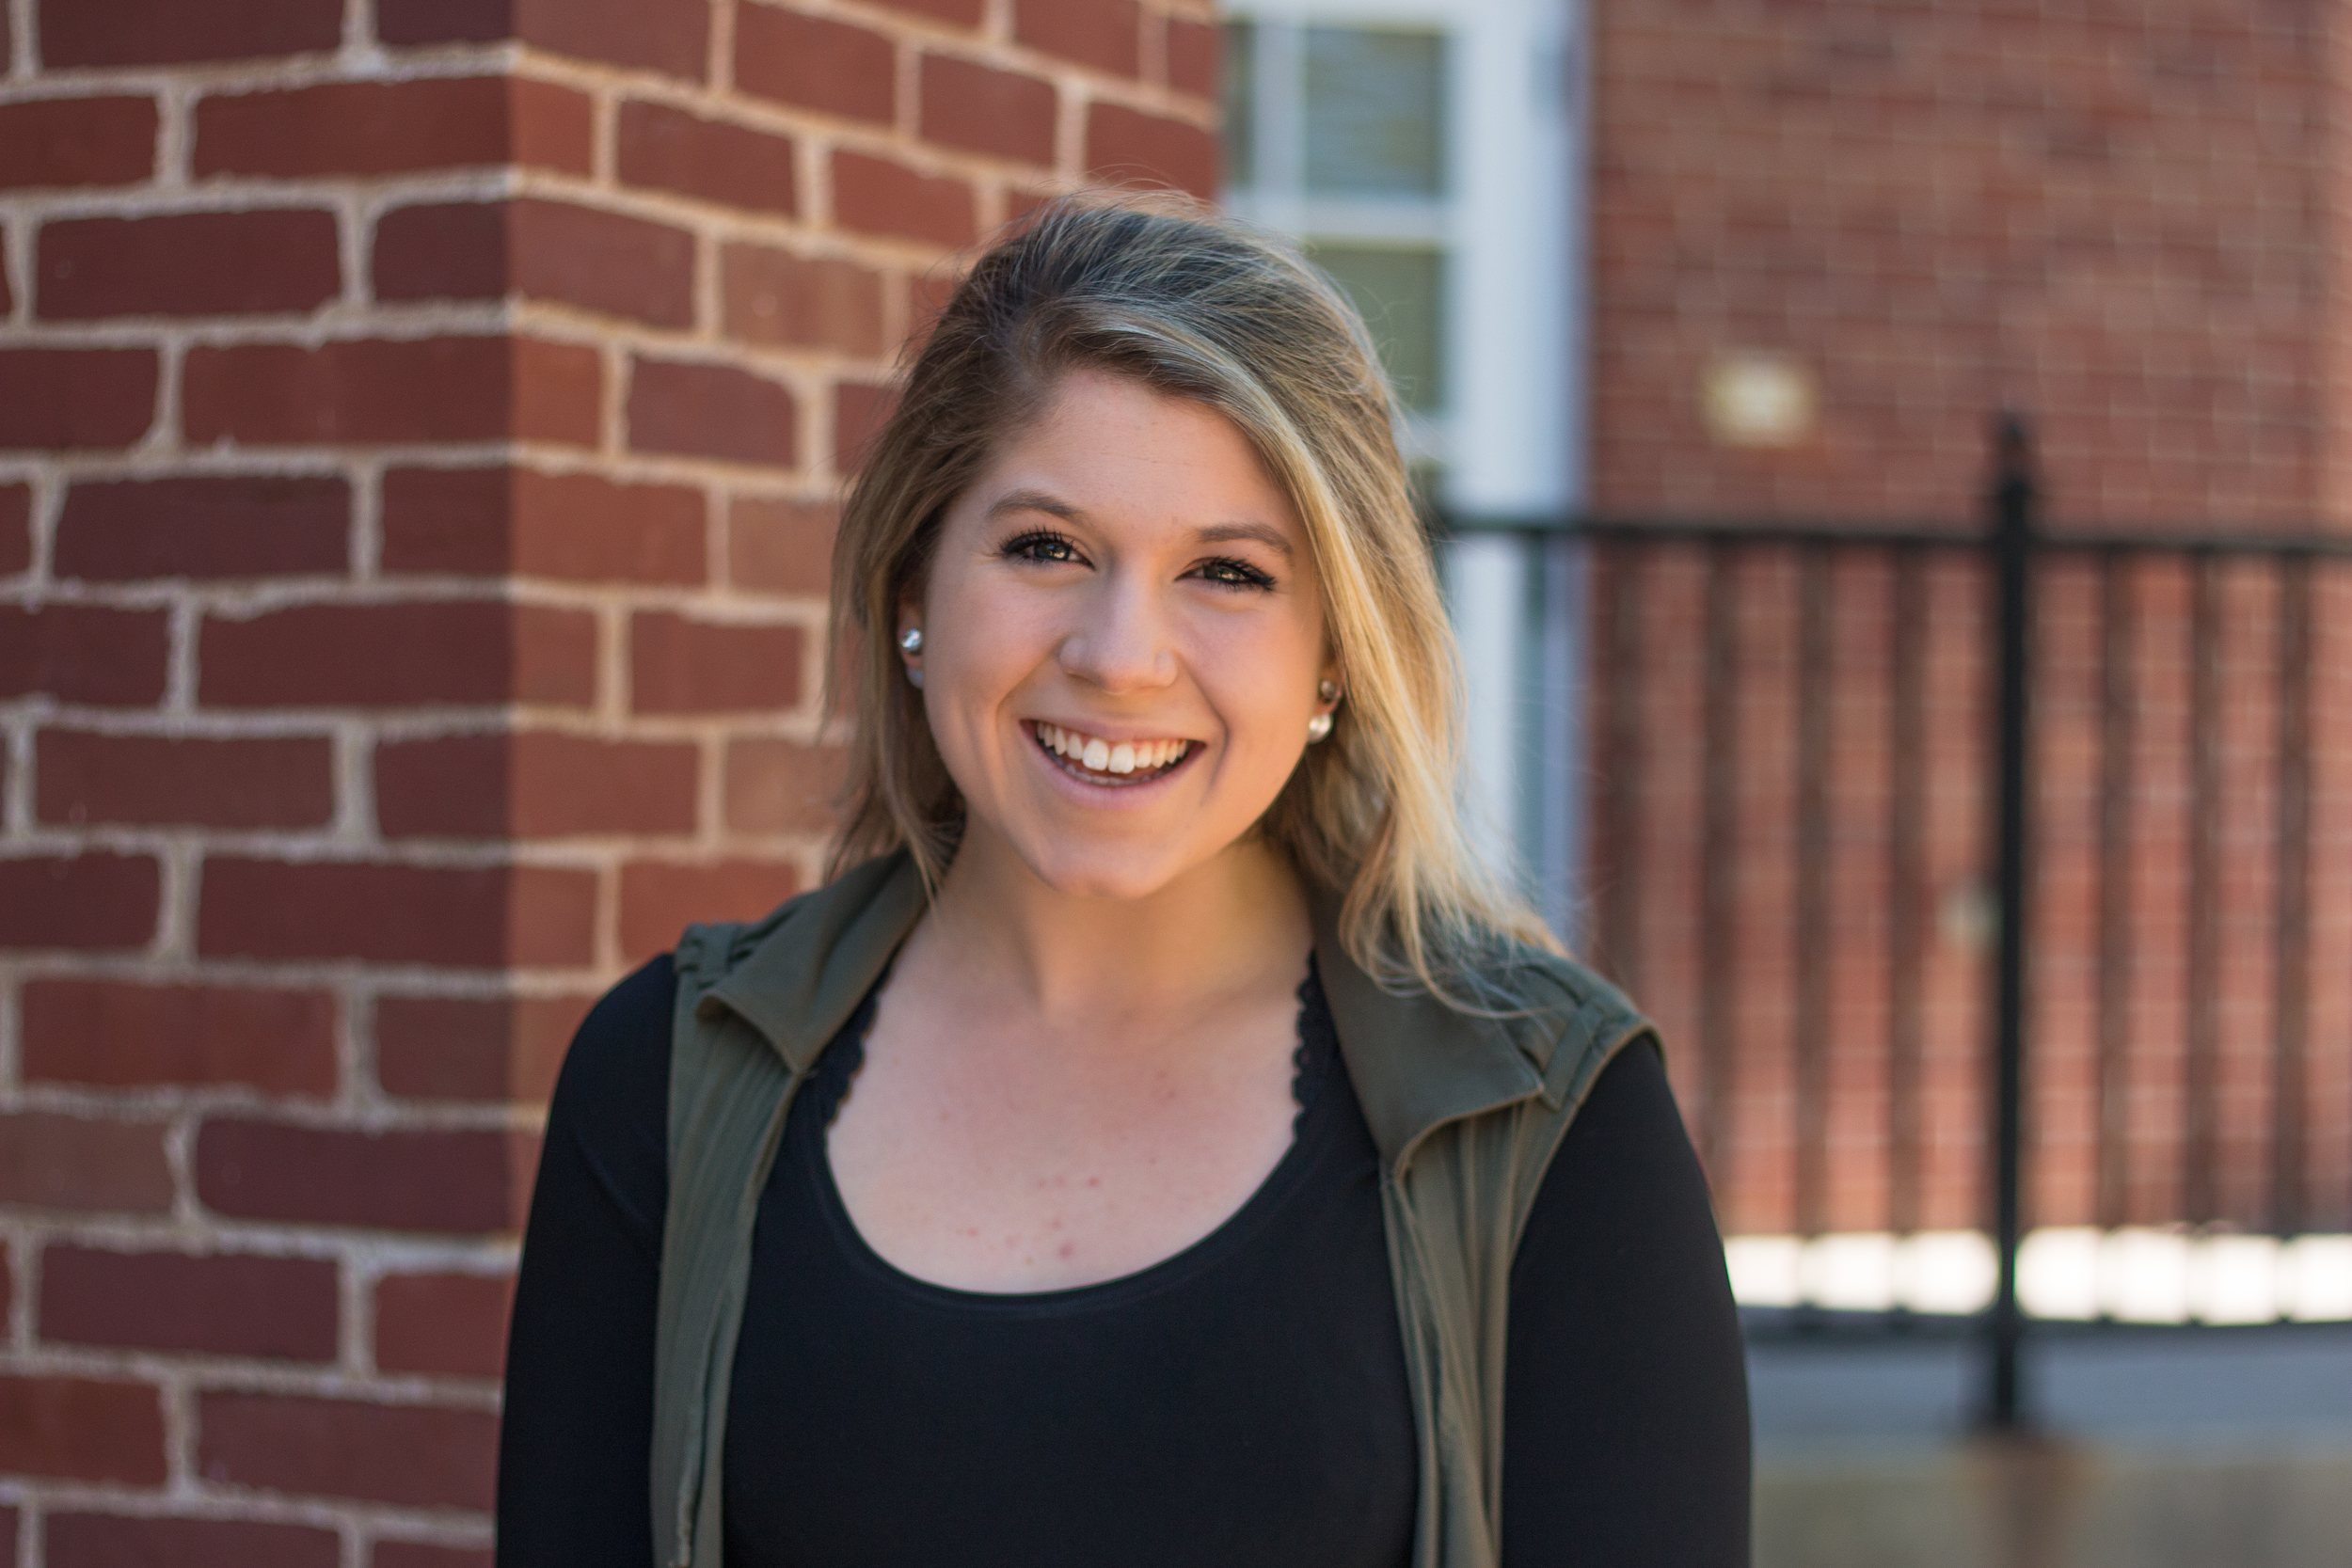 VP Activities & Events, Rachel LeBlanc